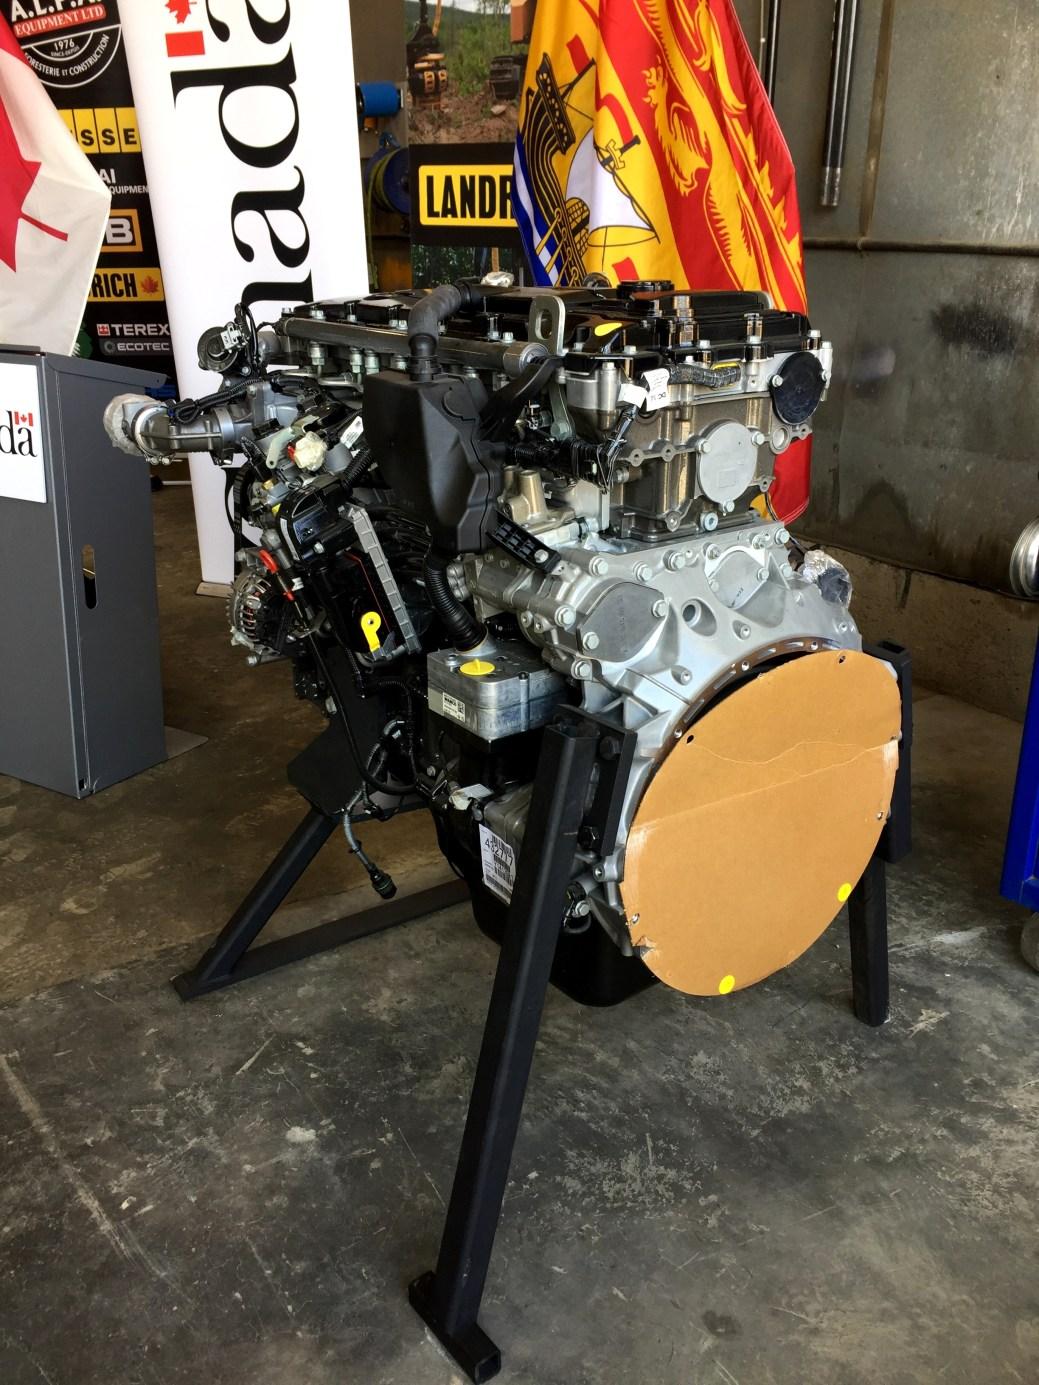 Le nouveau moteur Mercedes plus performant qui sera utilisé dans la Landrich 2.0. - Acadie Nouvelle: Jean-François Boisvert